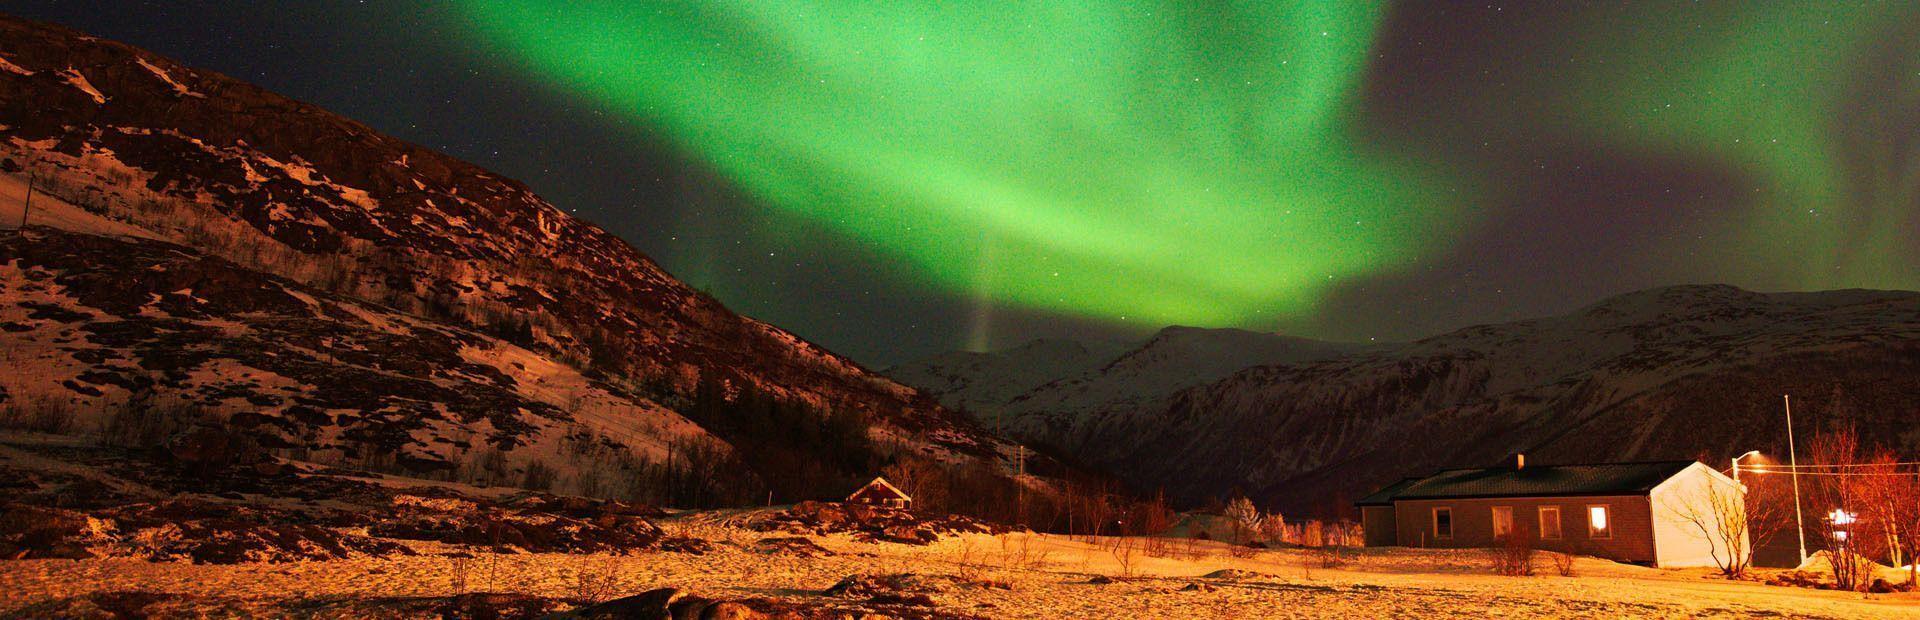 Norvegia: a caccia dell'aurora boreale